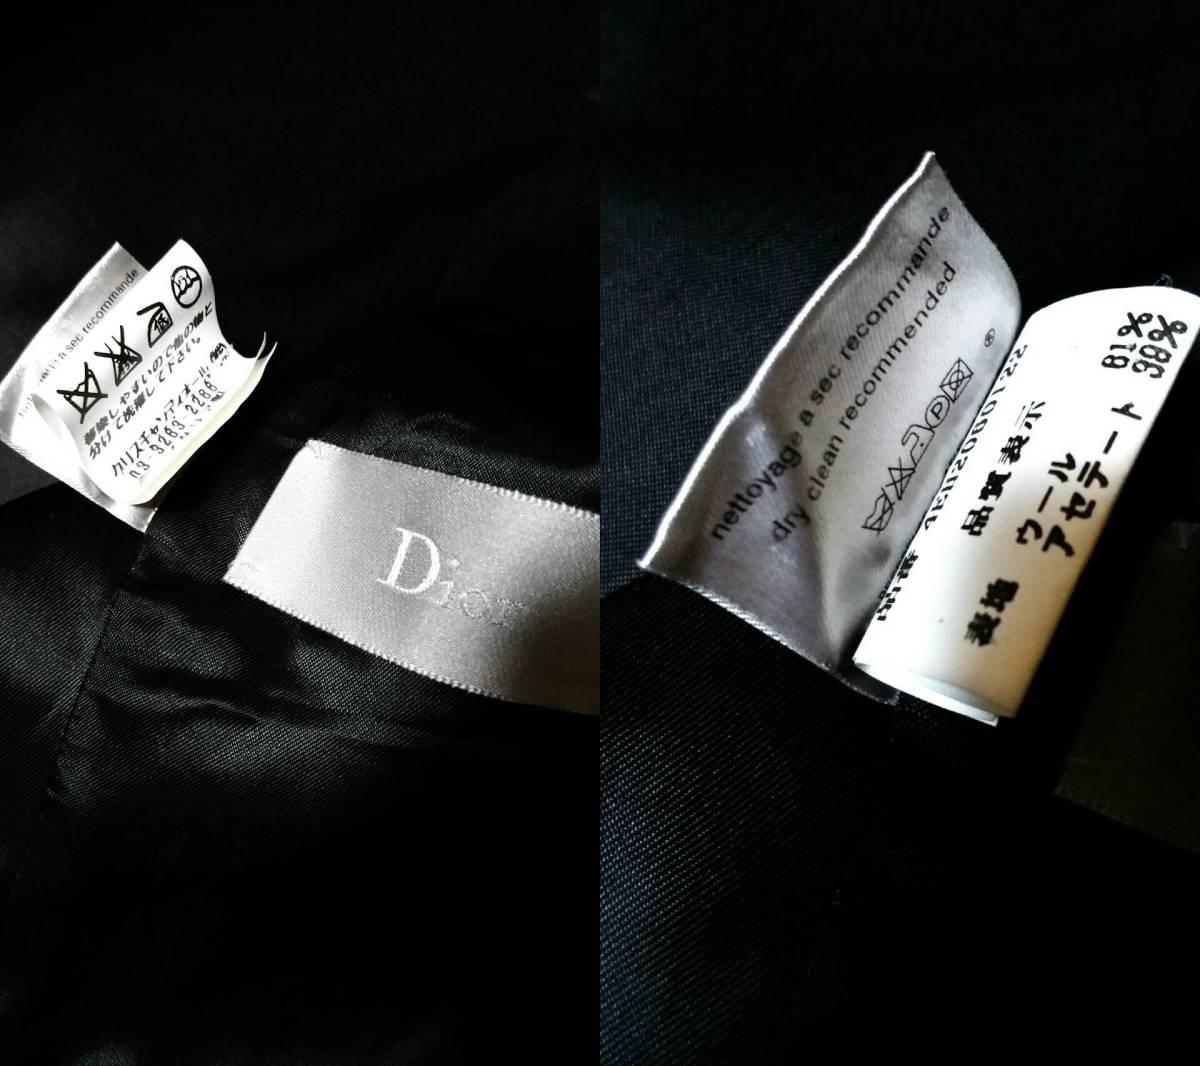 国内正規新古 Dior Hommeディオールオム スモーキングラペルジレ黒 ピークド光沢ラペルブラックベスト 最小38 XXS ジャケット以上の存在感!_画像9